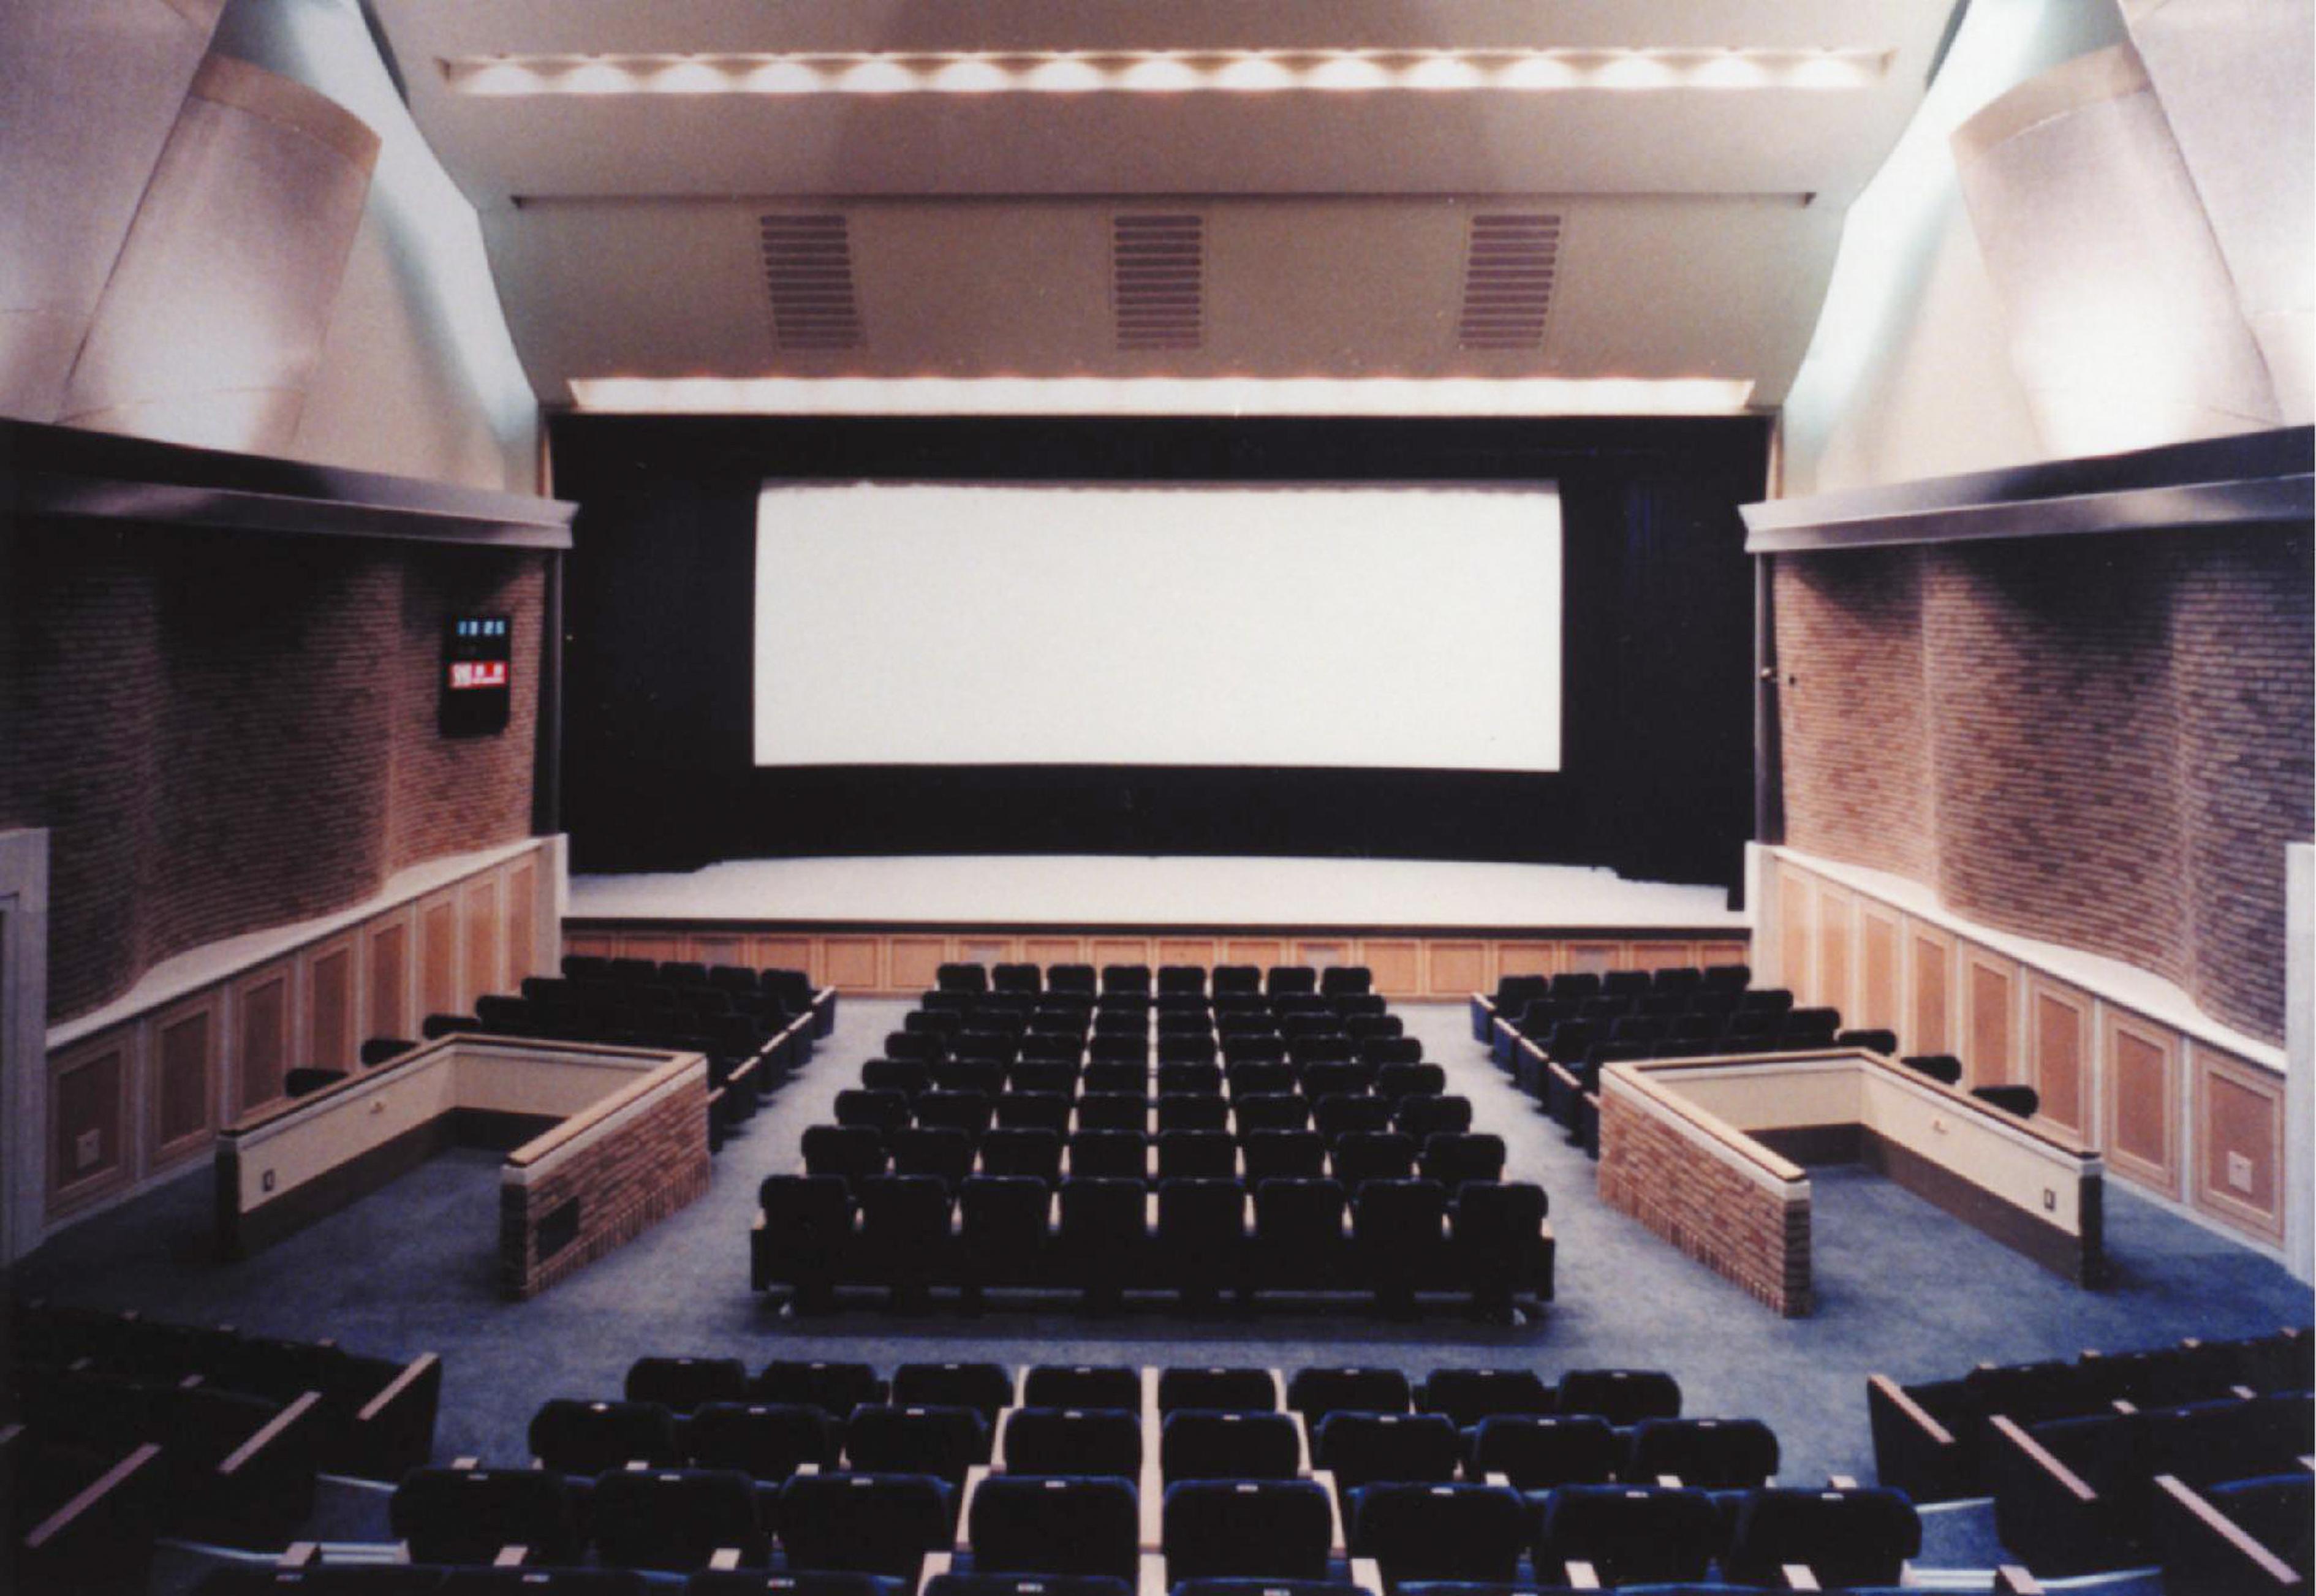 シネラ・上映ホール(撮影年不明)の画像